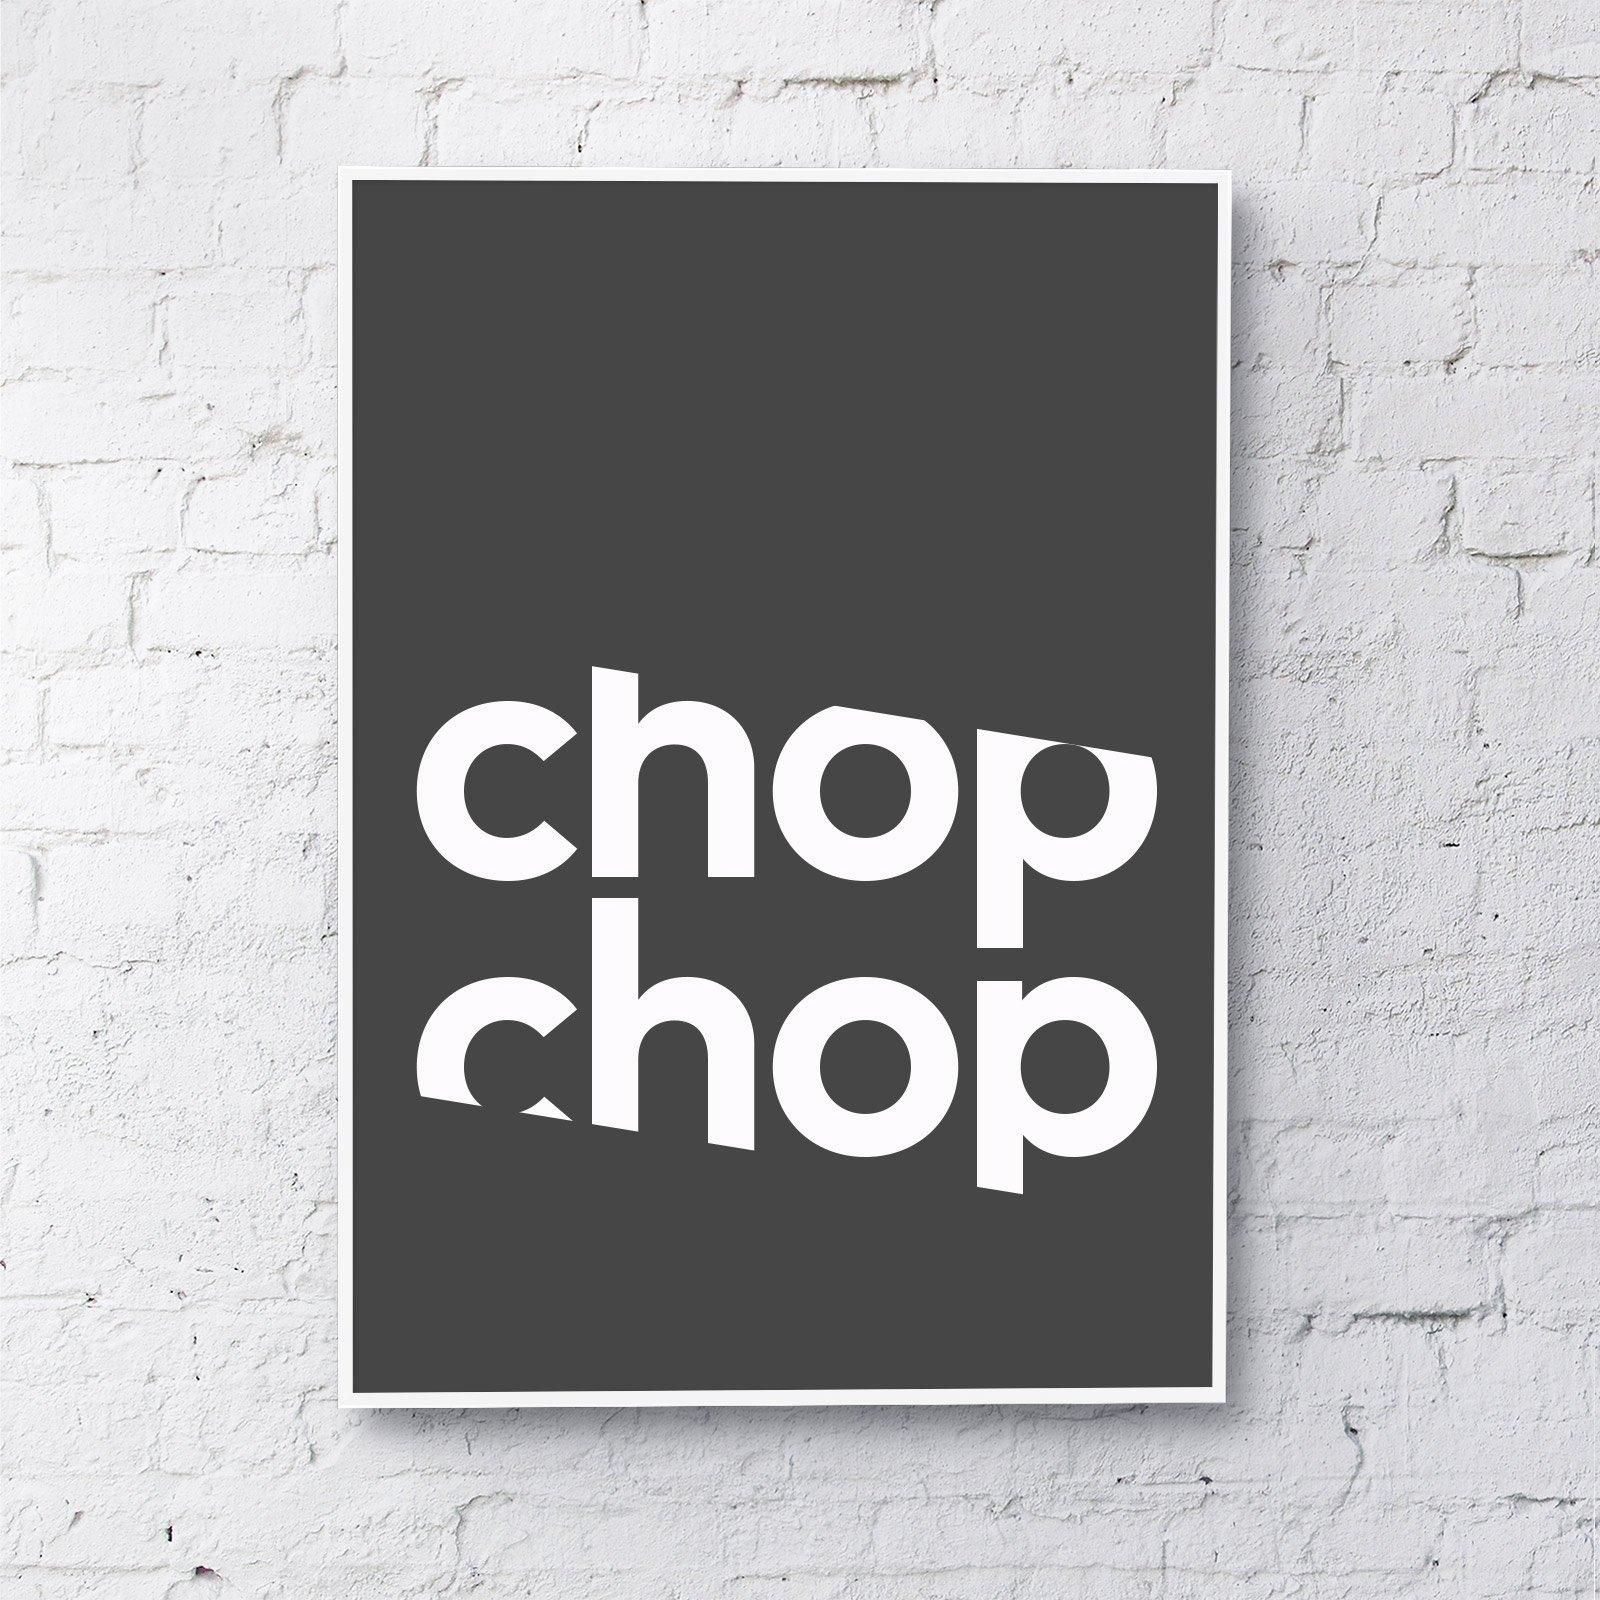 chopchop_black.jpg